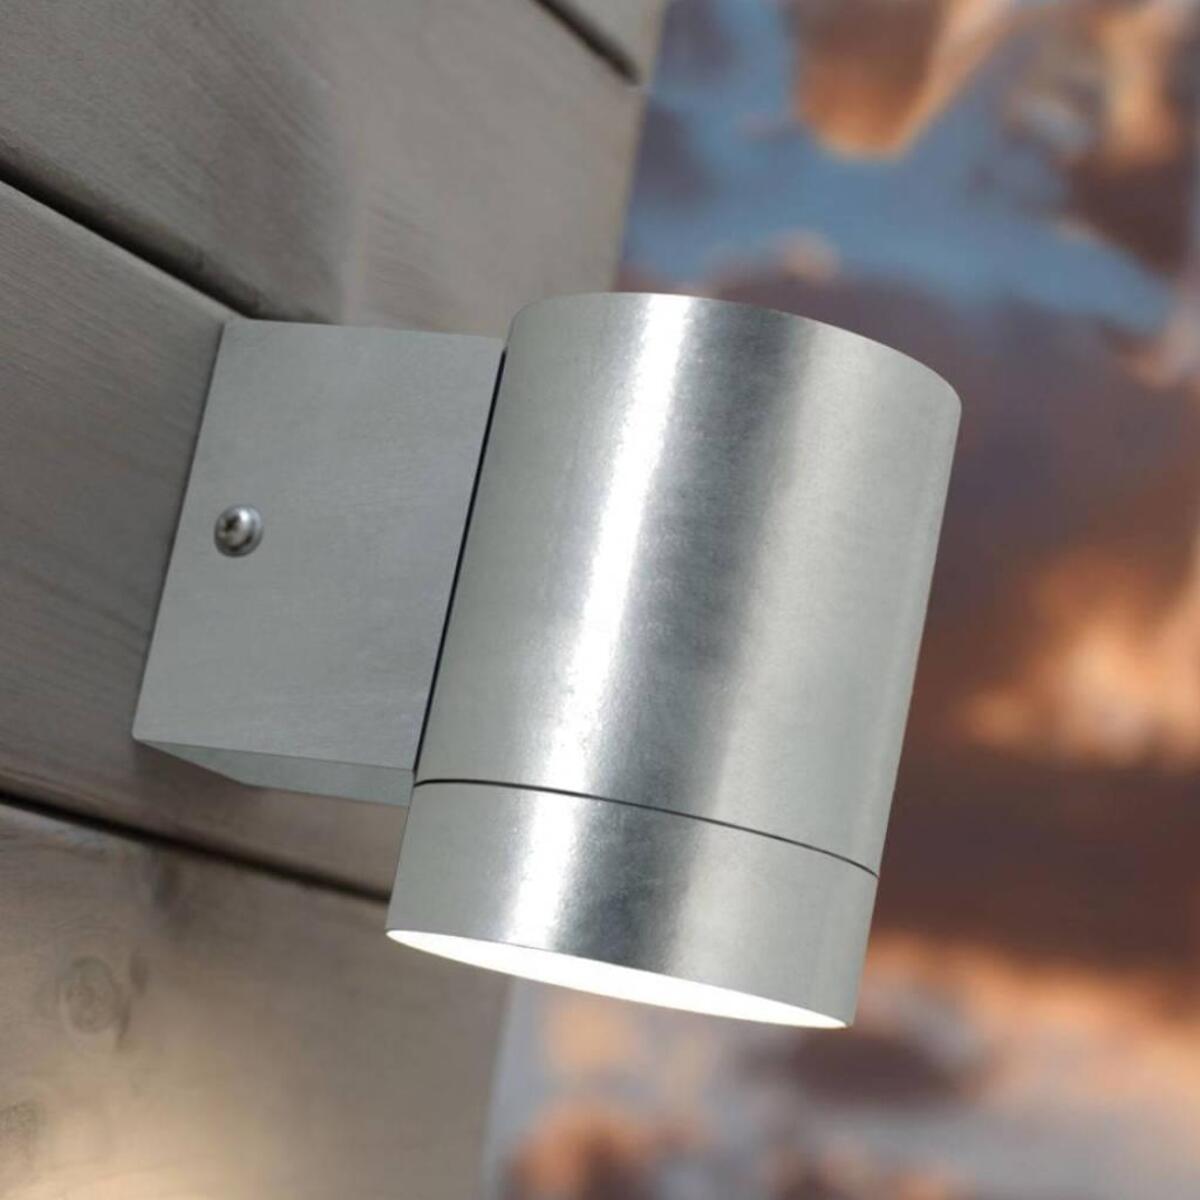 Bild 3 von Nordlux Außenwandleuchte, 1 x GU10/230V/9W